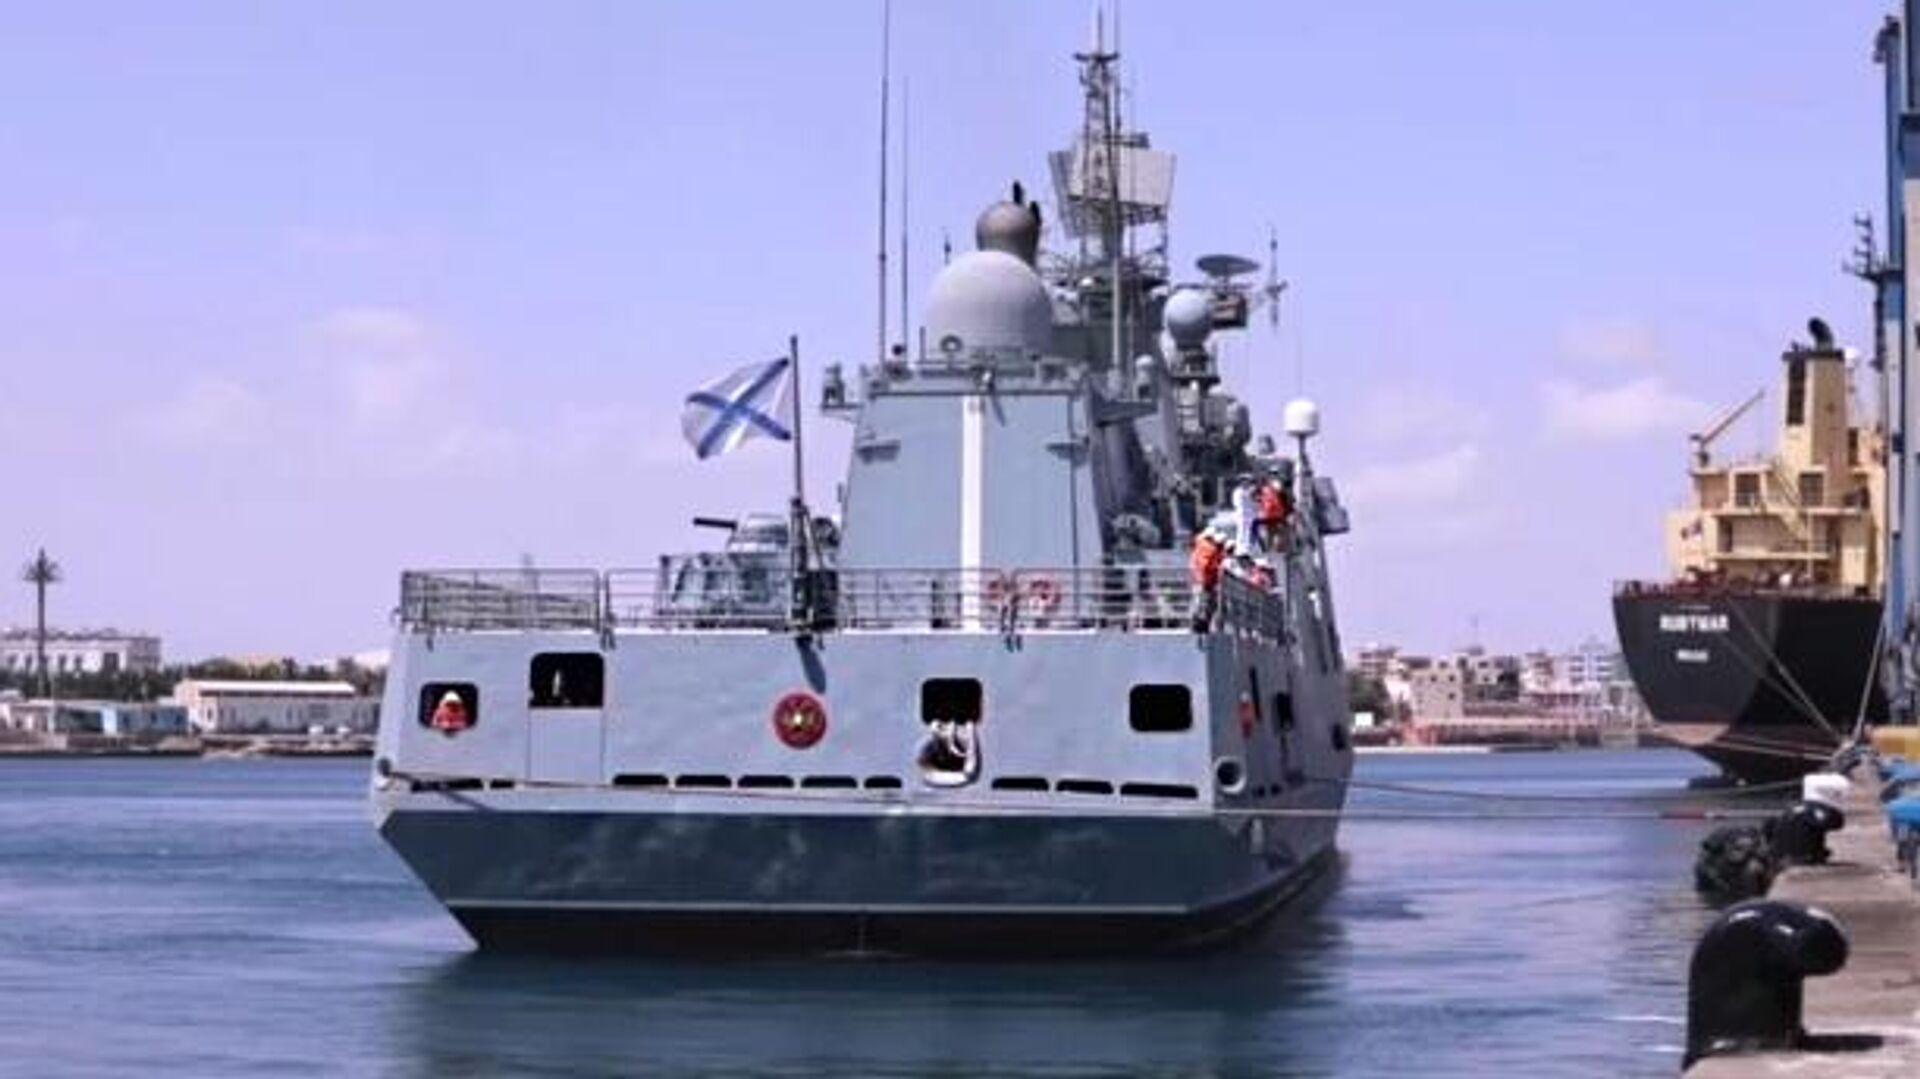 Фрегат ВМФ России Адмирал Григорович впервые вошёл в порт Судана - РИА Новости, 1920, 12.09.2021